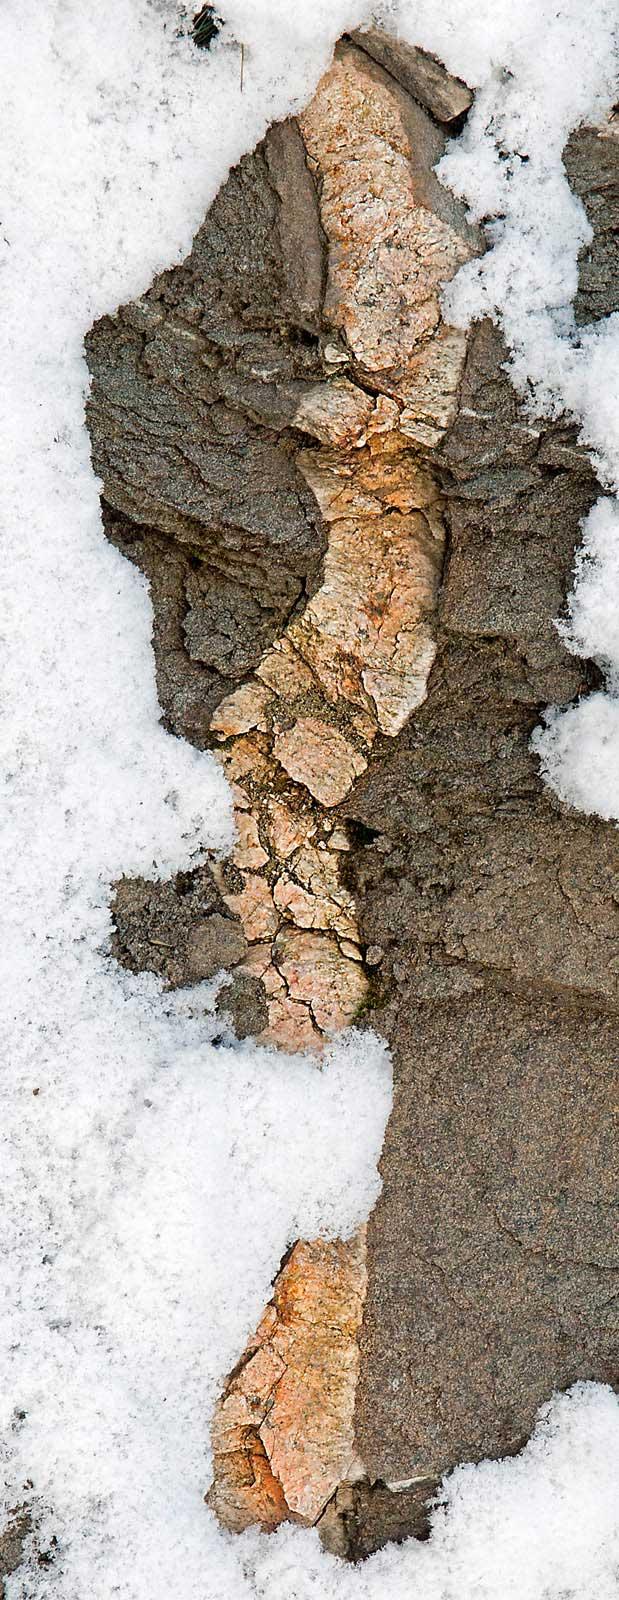 Juoni kalliossa talvella. Kuva: Esko Koistinen